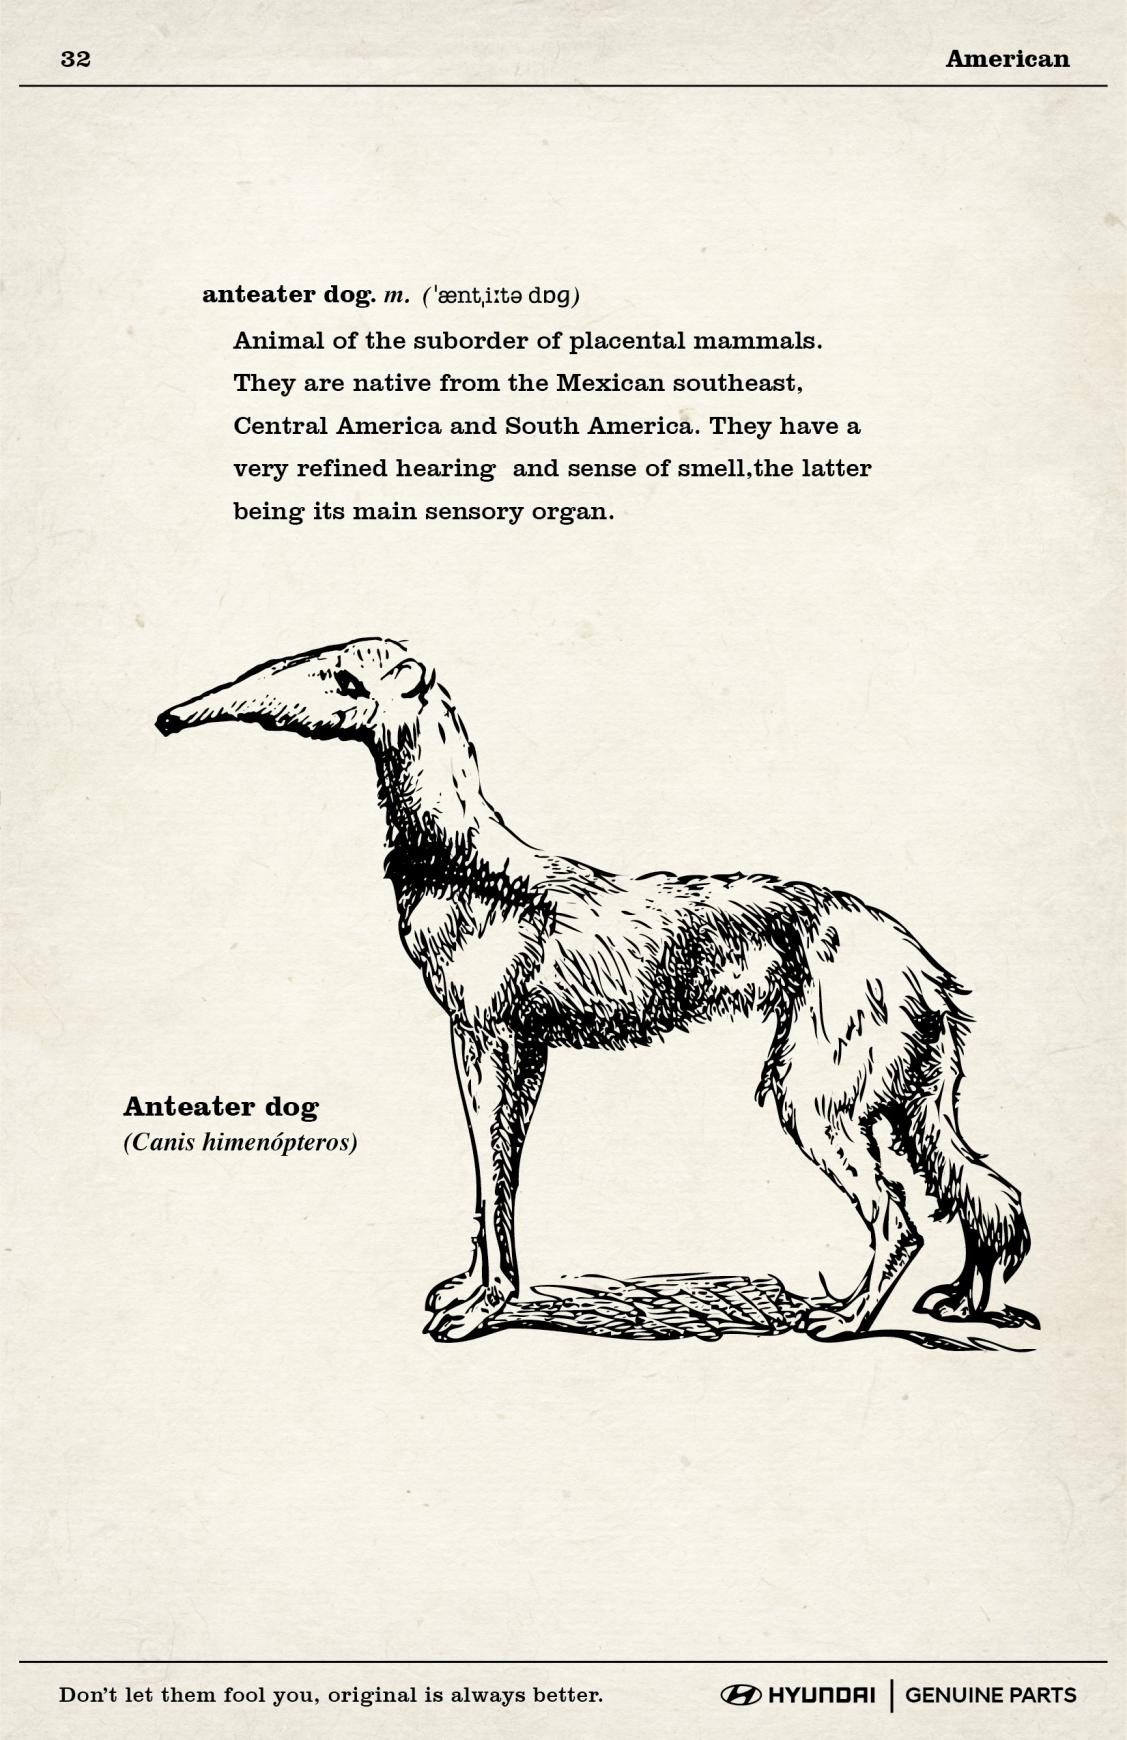 Hyundai Print Ad - Anteater Dog